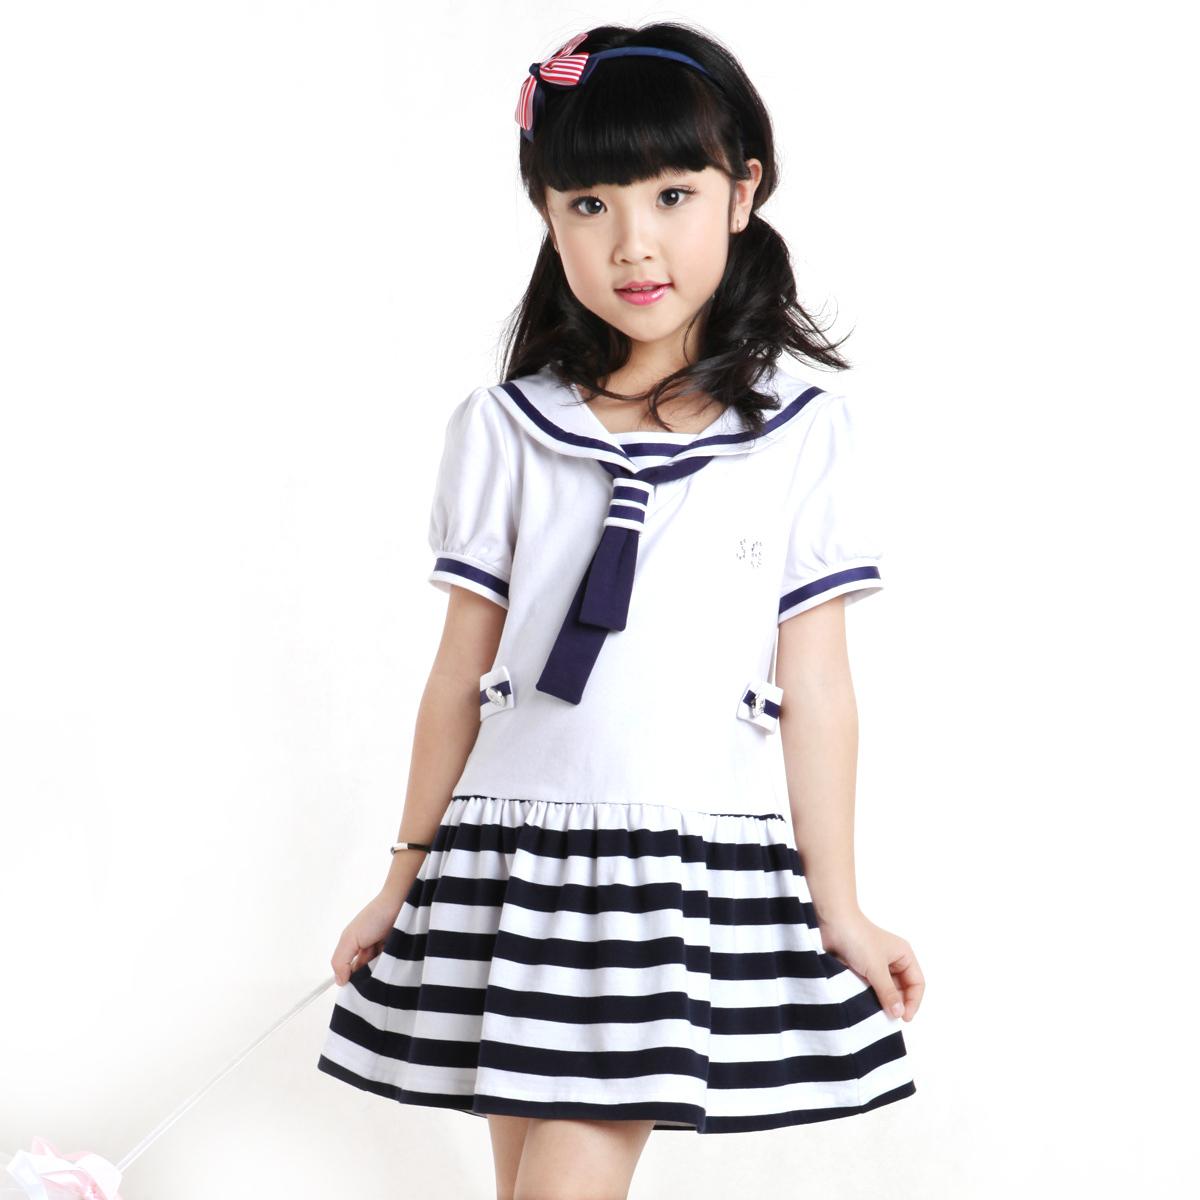 学生连衣裙12-14岁女童夏连衣裙十岁女孩夏装